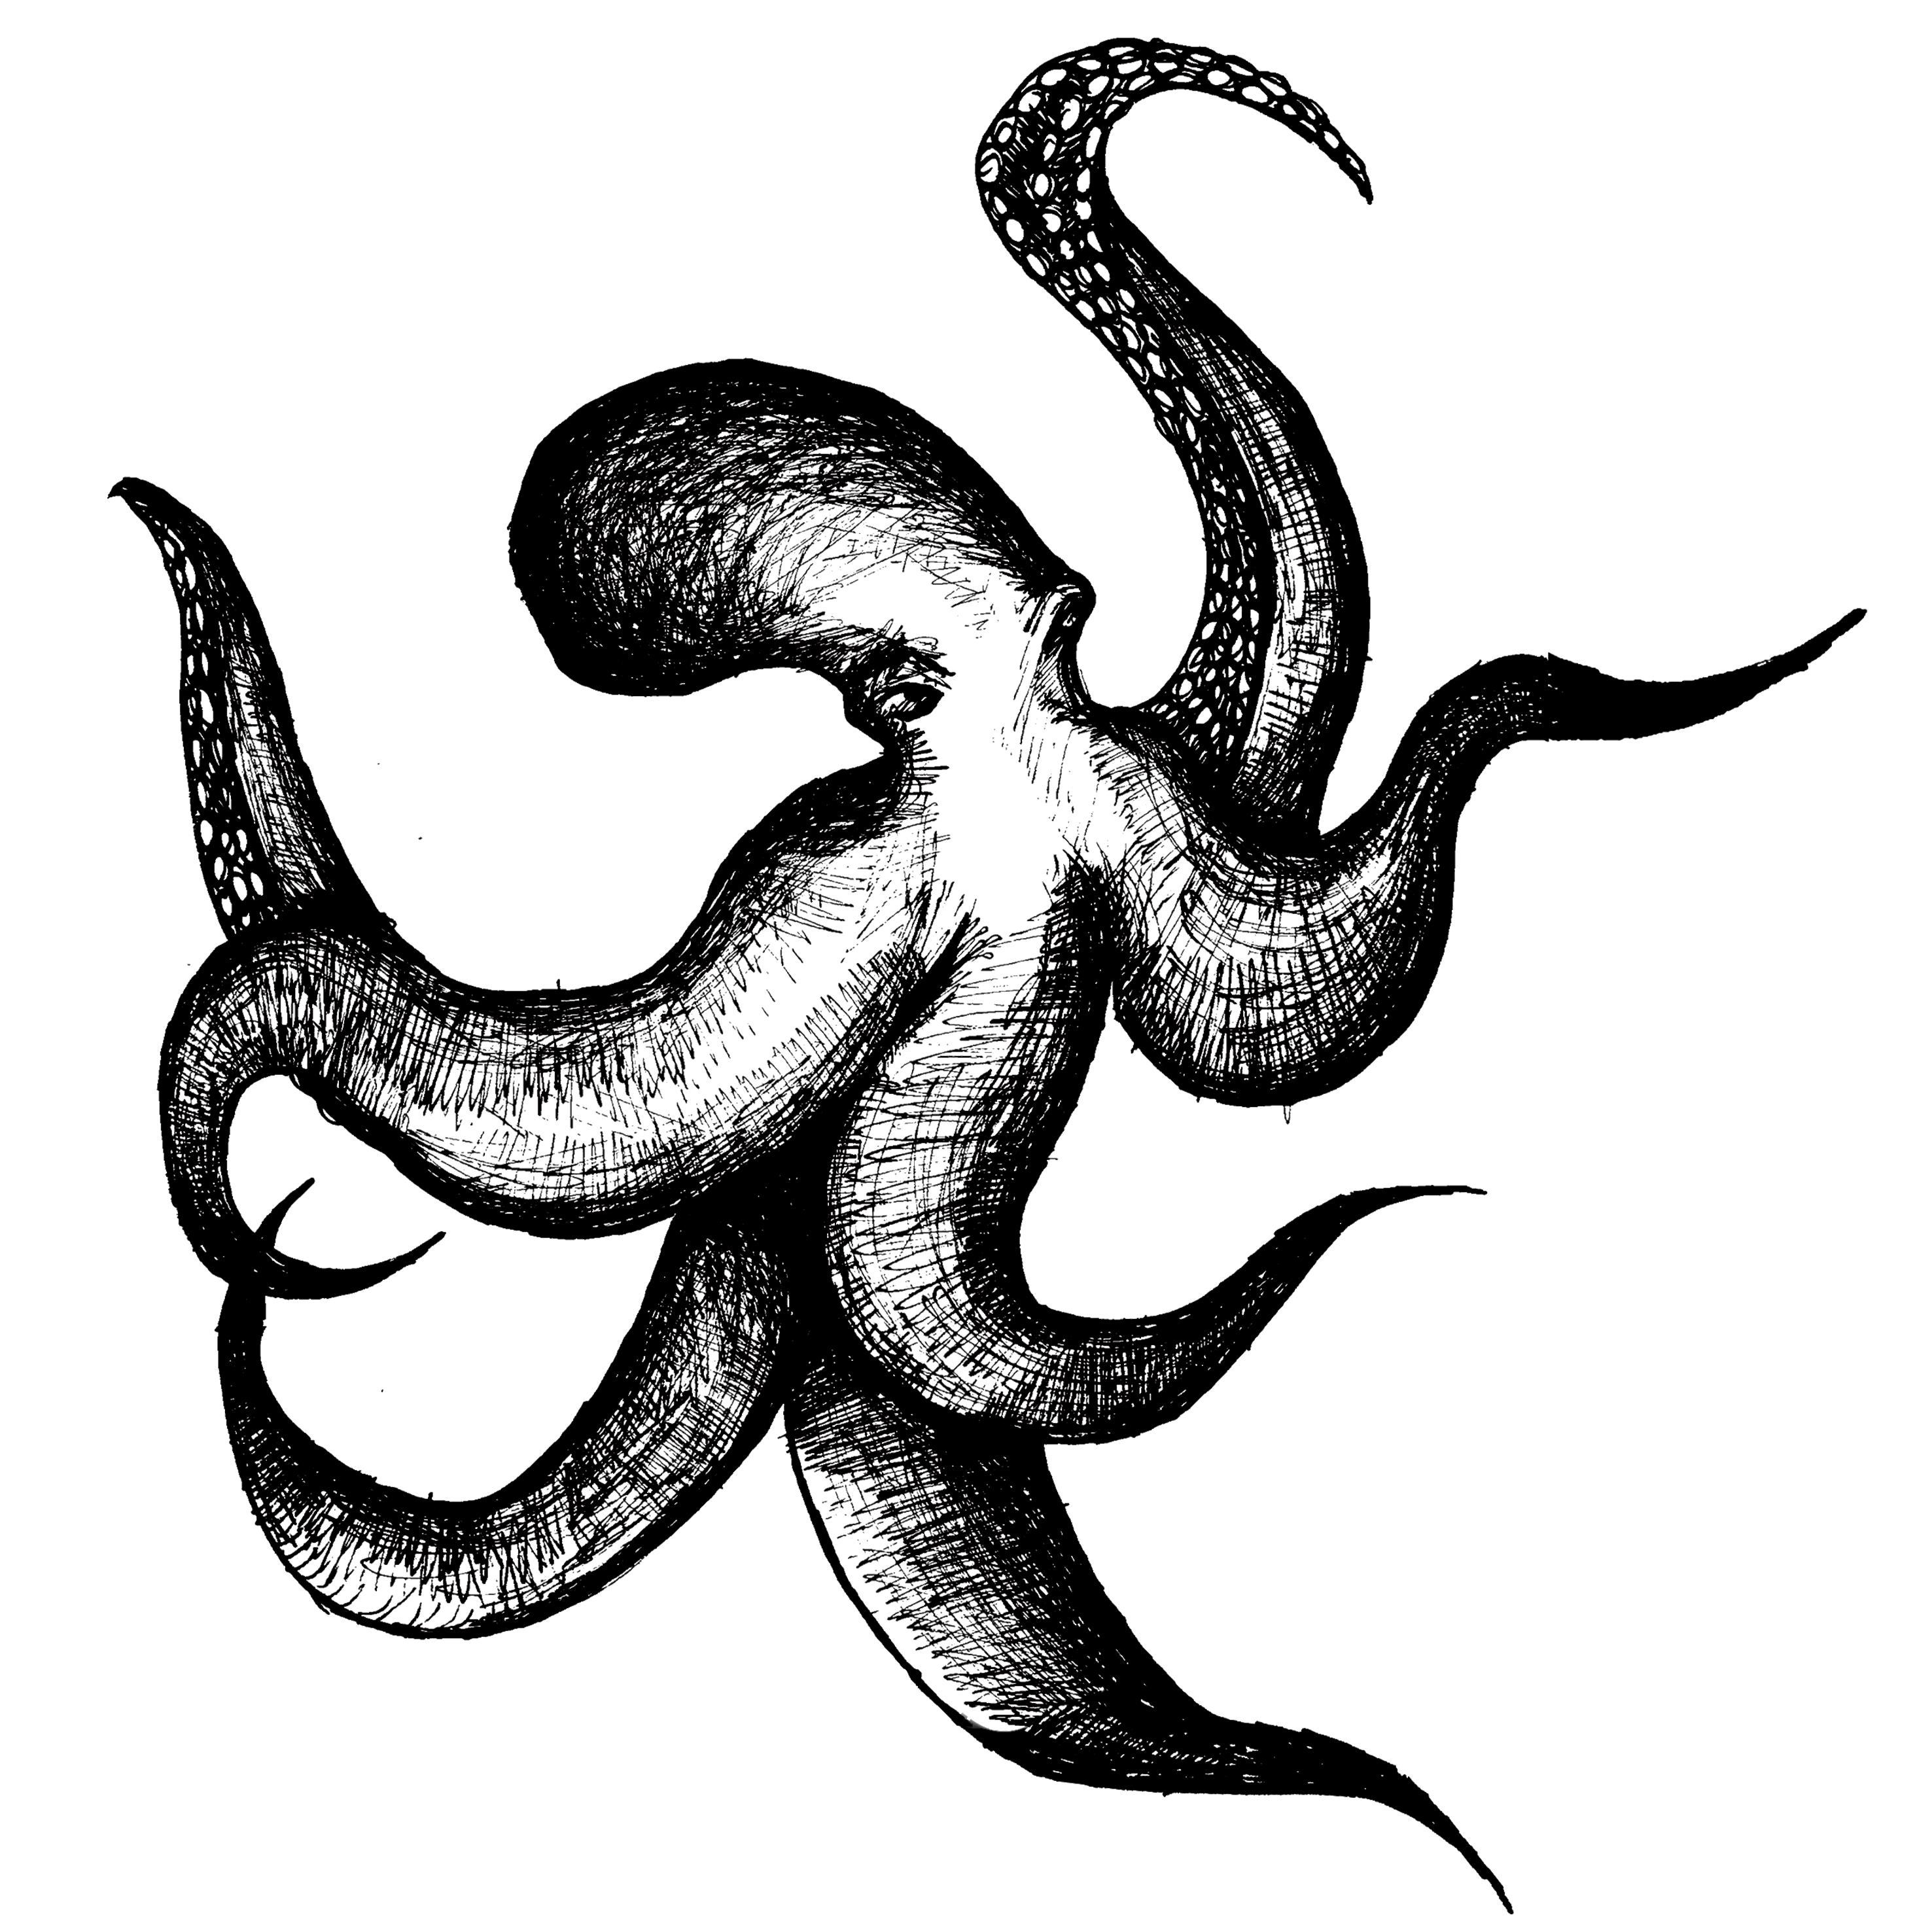 Heptopus